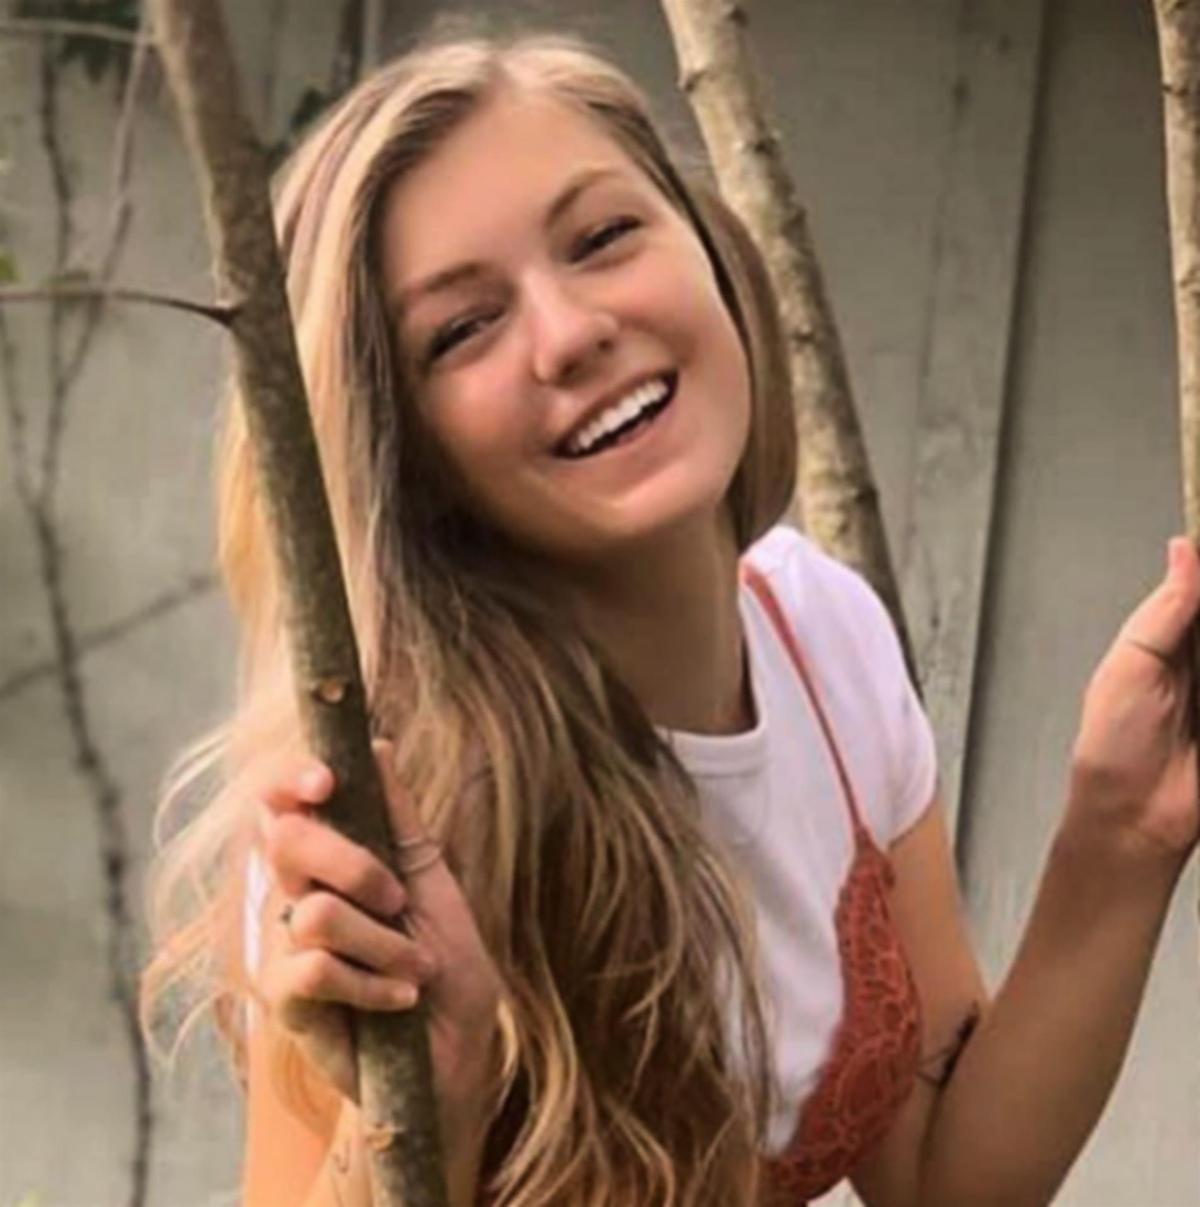 La influencer Gabby Petito, cuyo cadáver se encontró el 19 de septiembre.